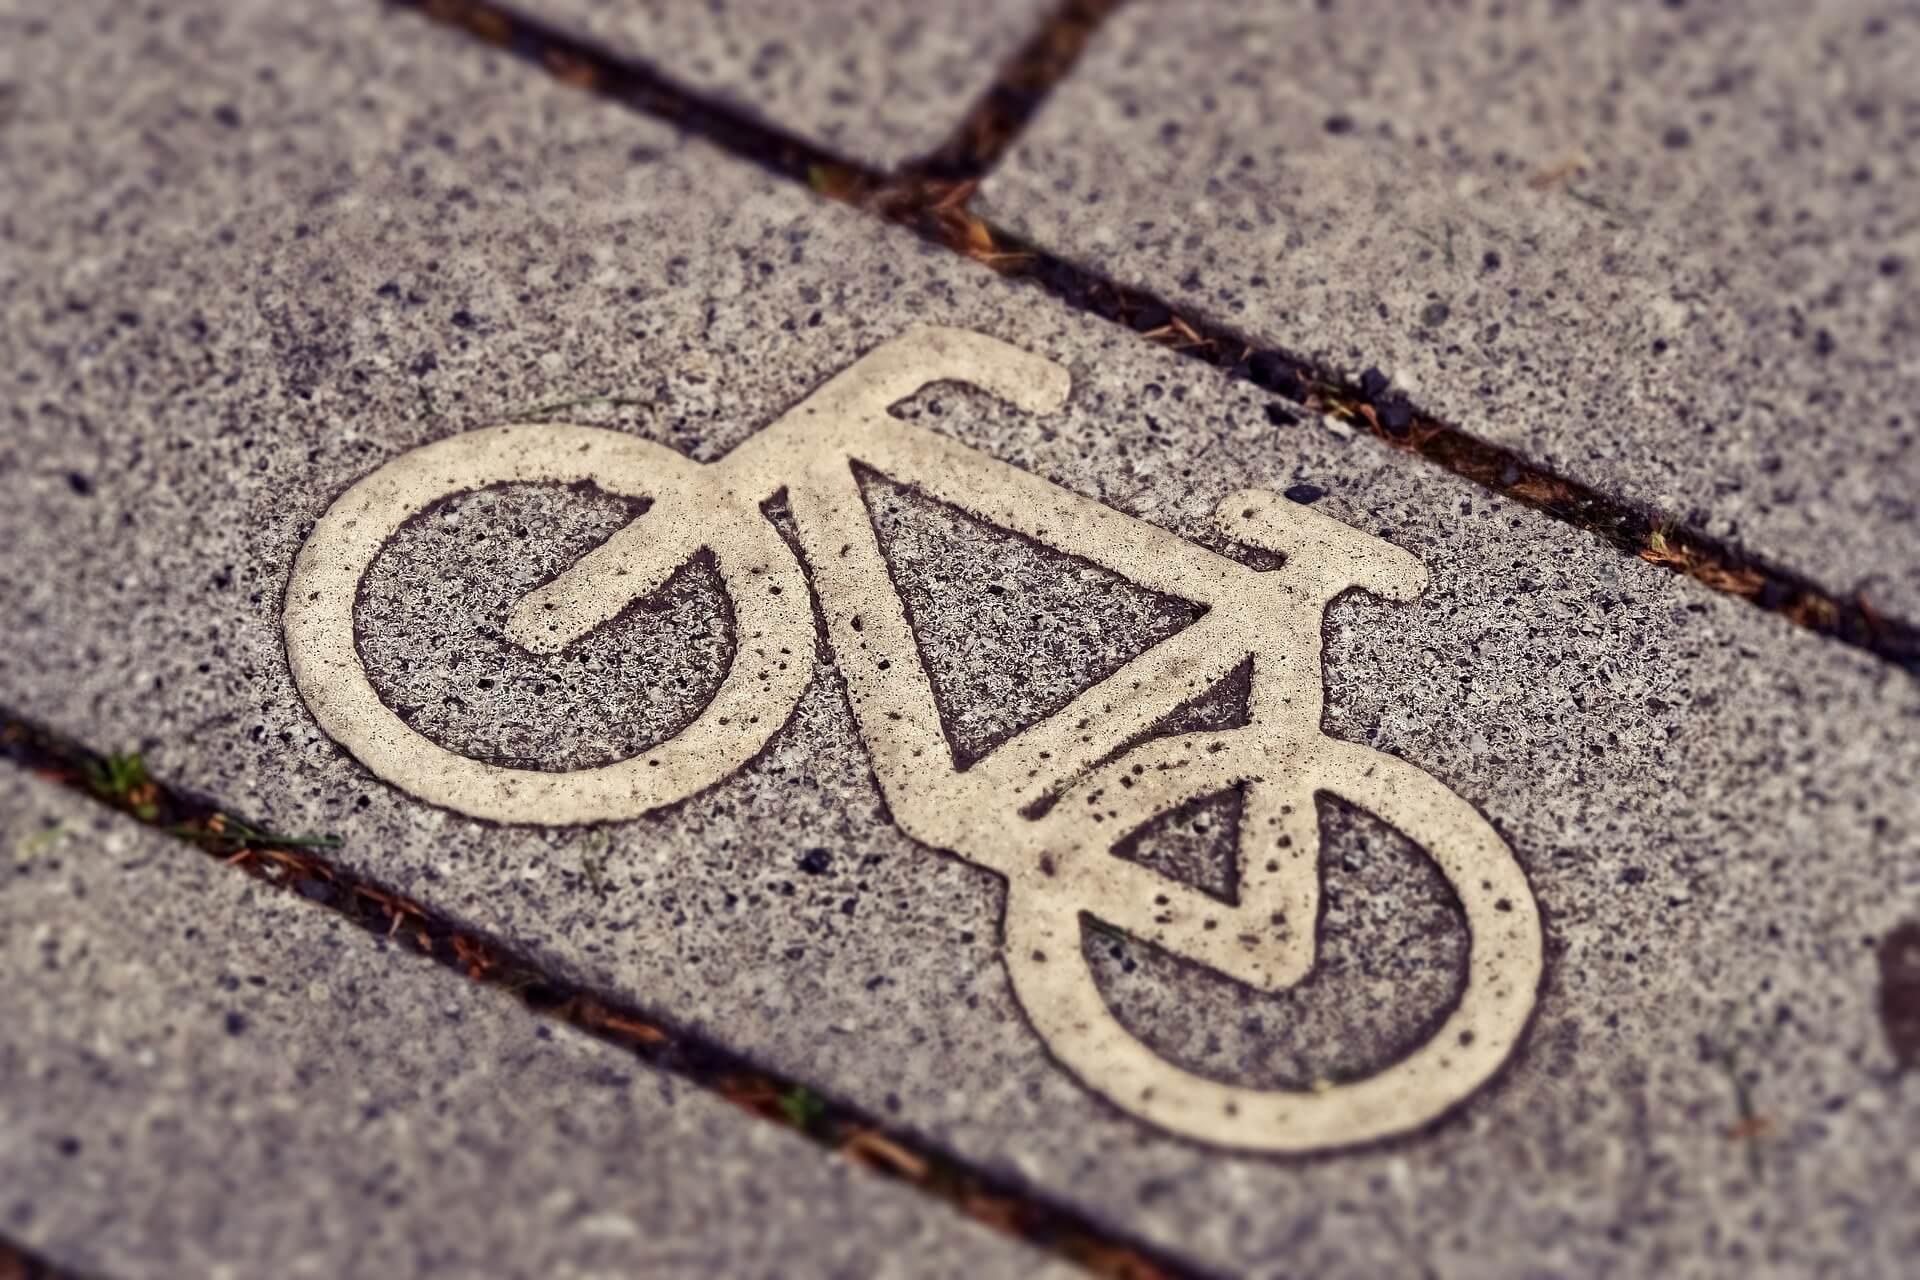 Symbol oznaczający ścieżkę rowerową.